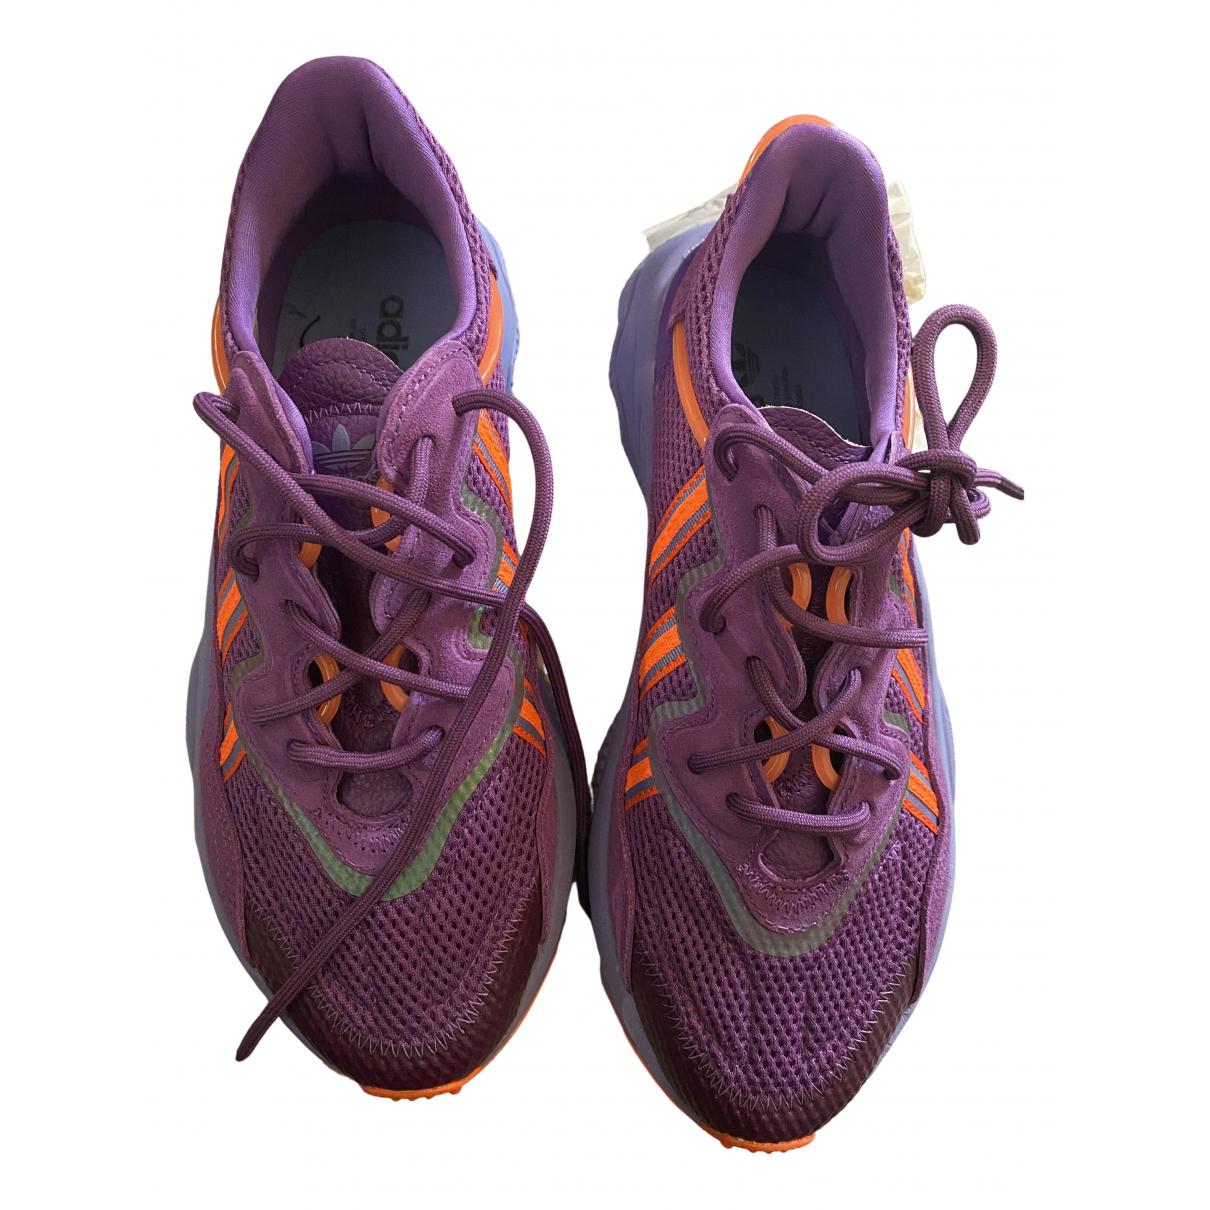 Adidas - Baskets Ozweego pour femme en toile - violet